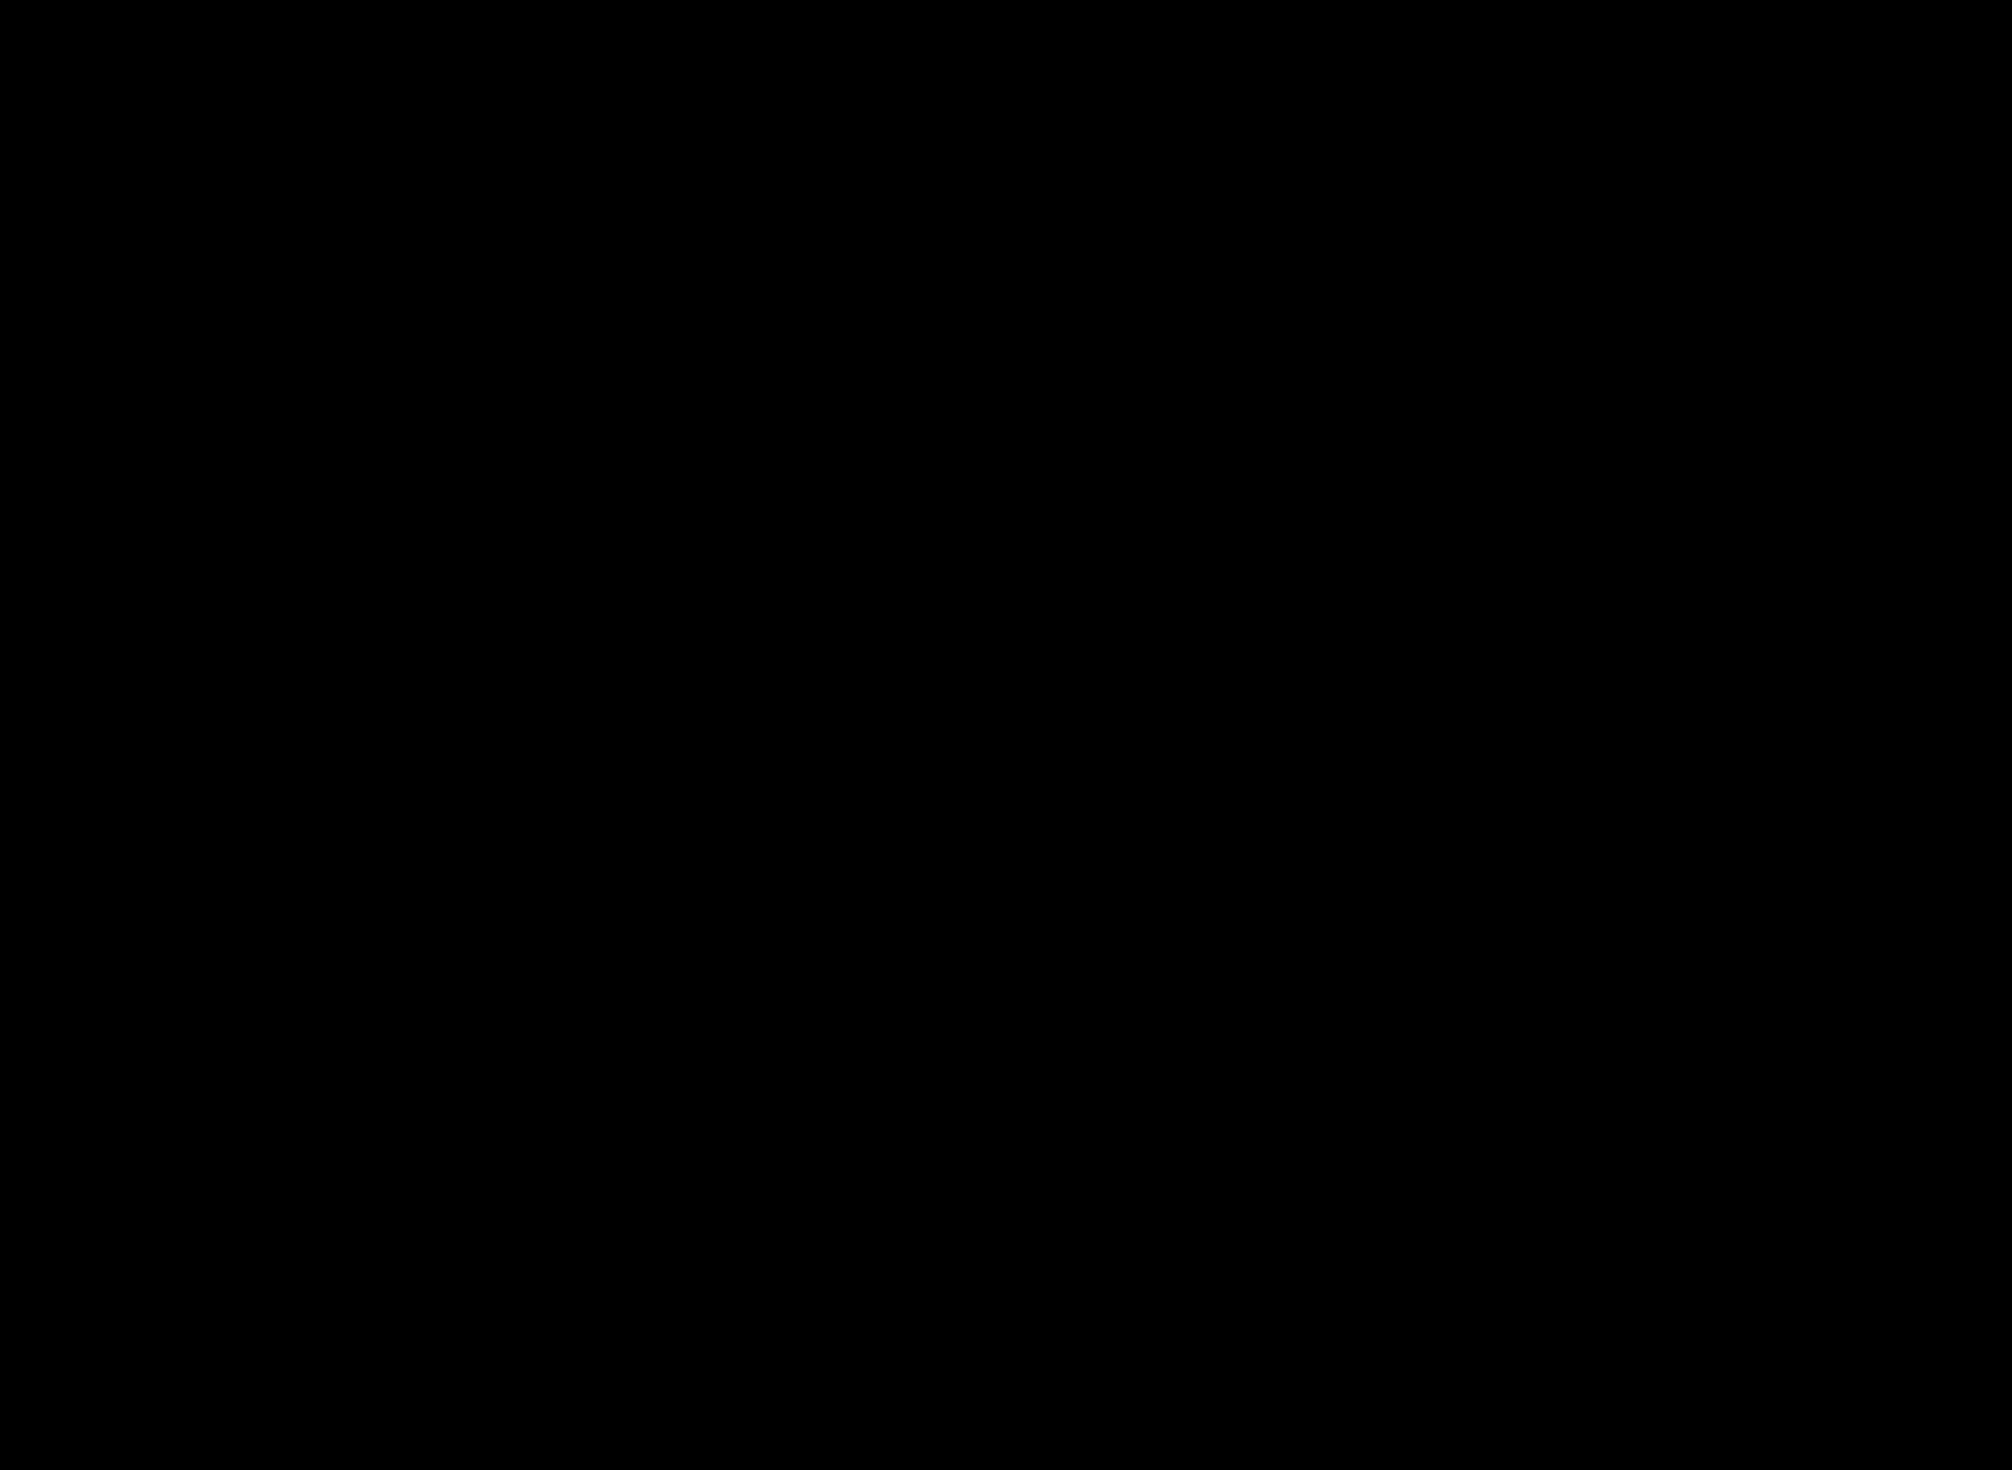 Ταμειακή Μηχανή DPS ASSOS Μαύρη